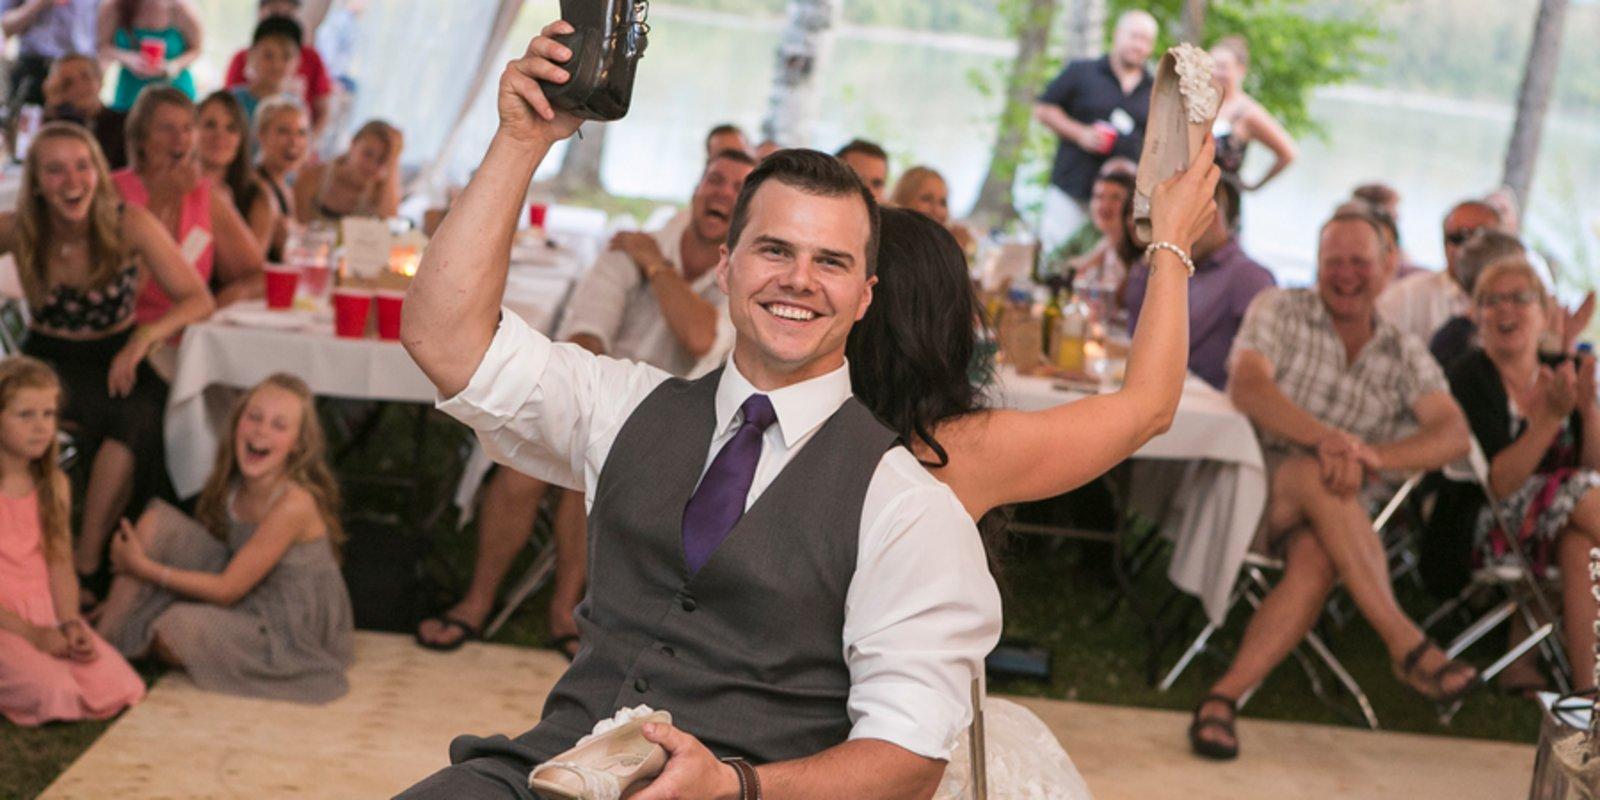 Hochzeitsspiele für gäste zum kennenlernen